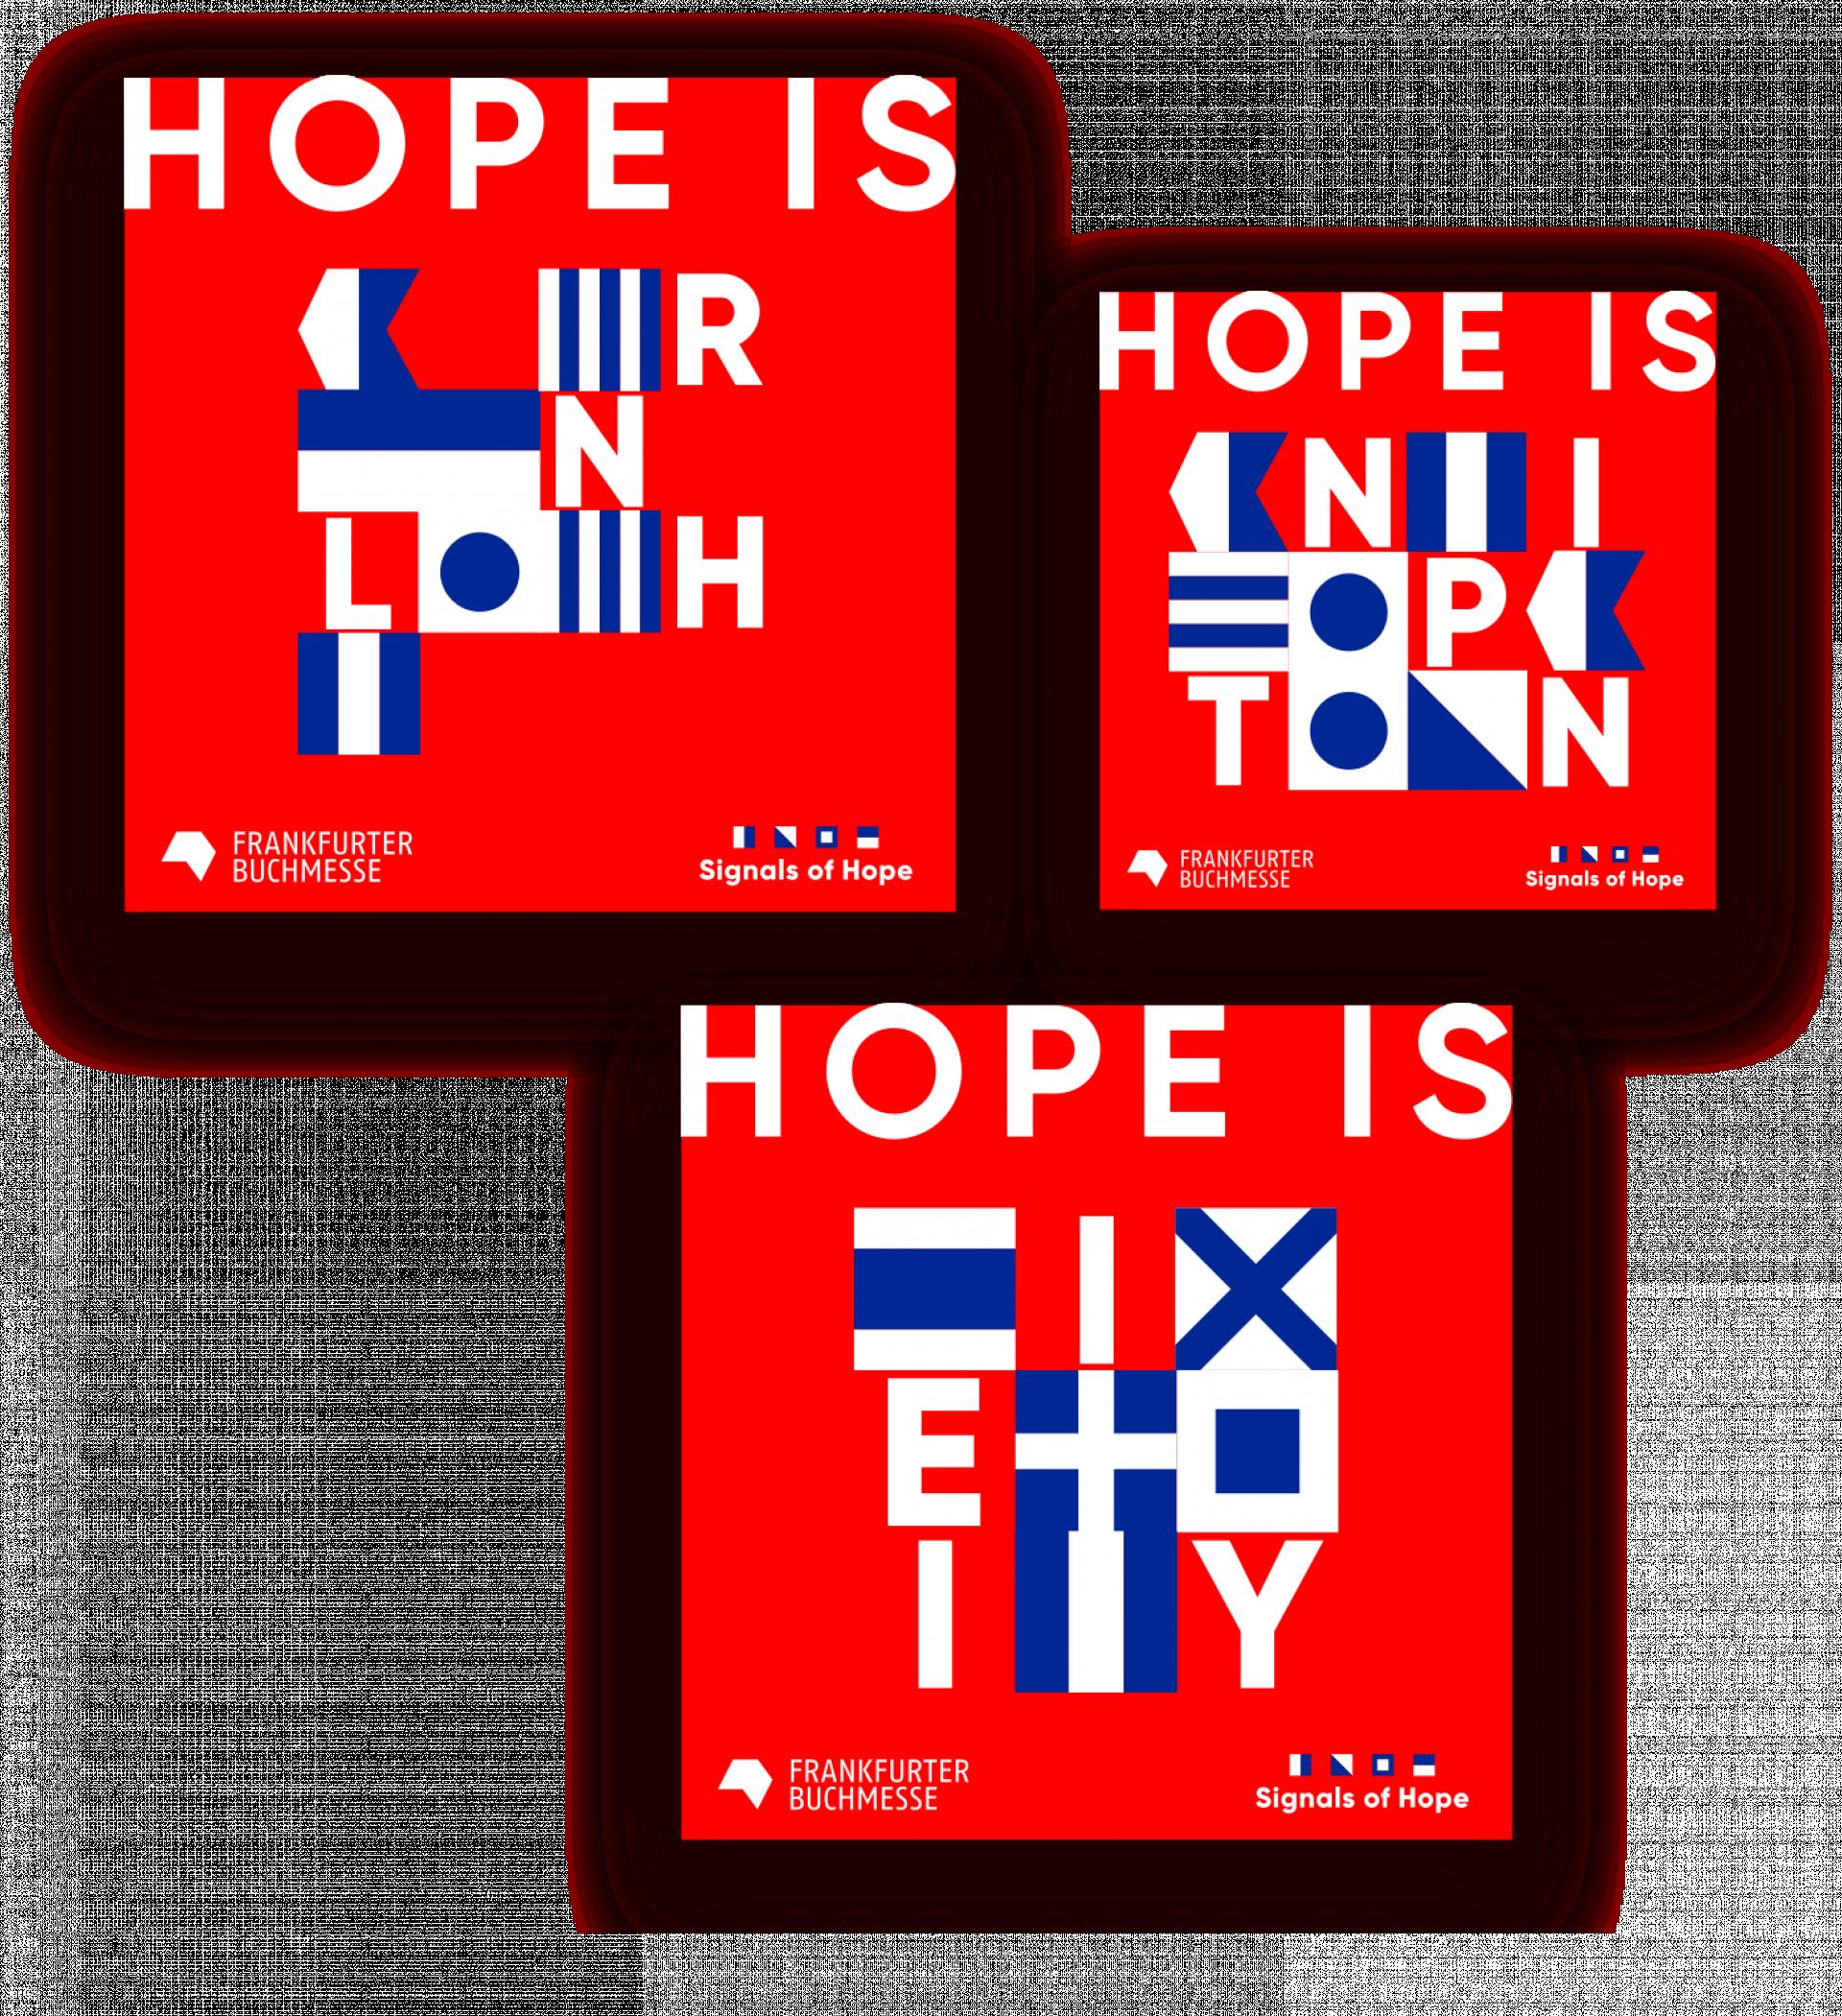 Signals of Hope, Signale auf sozialen Medien